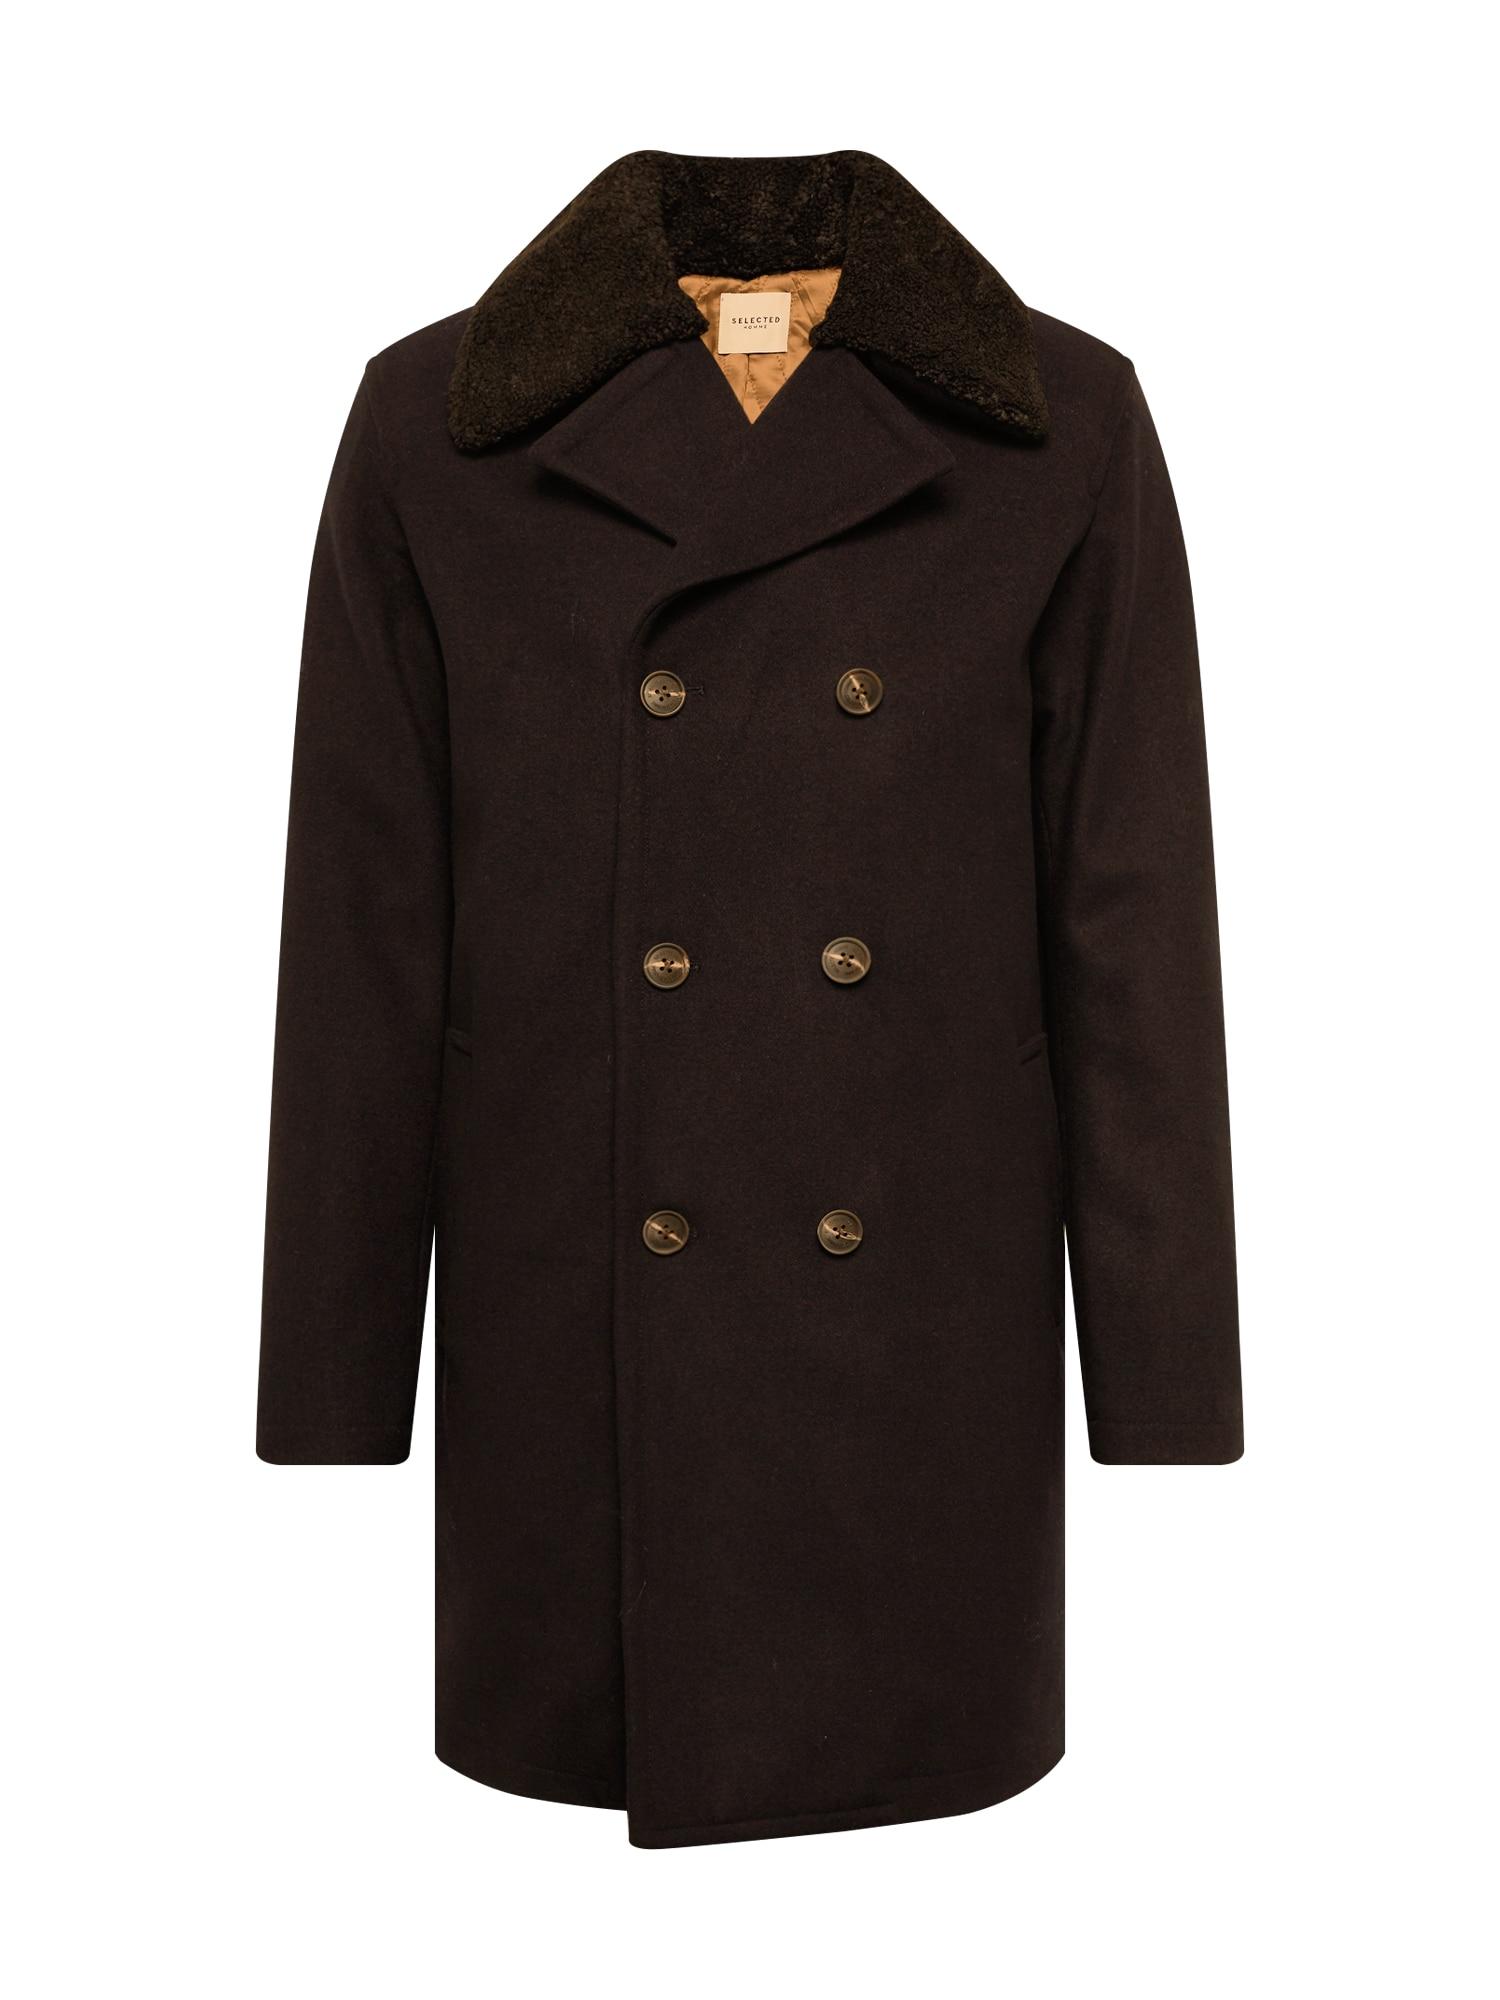 SELECTED HOMME Žieminis paltas 'PEACOAT ' ruda